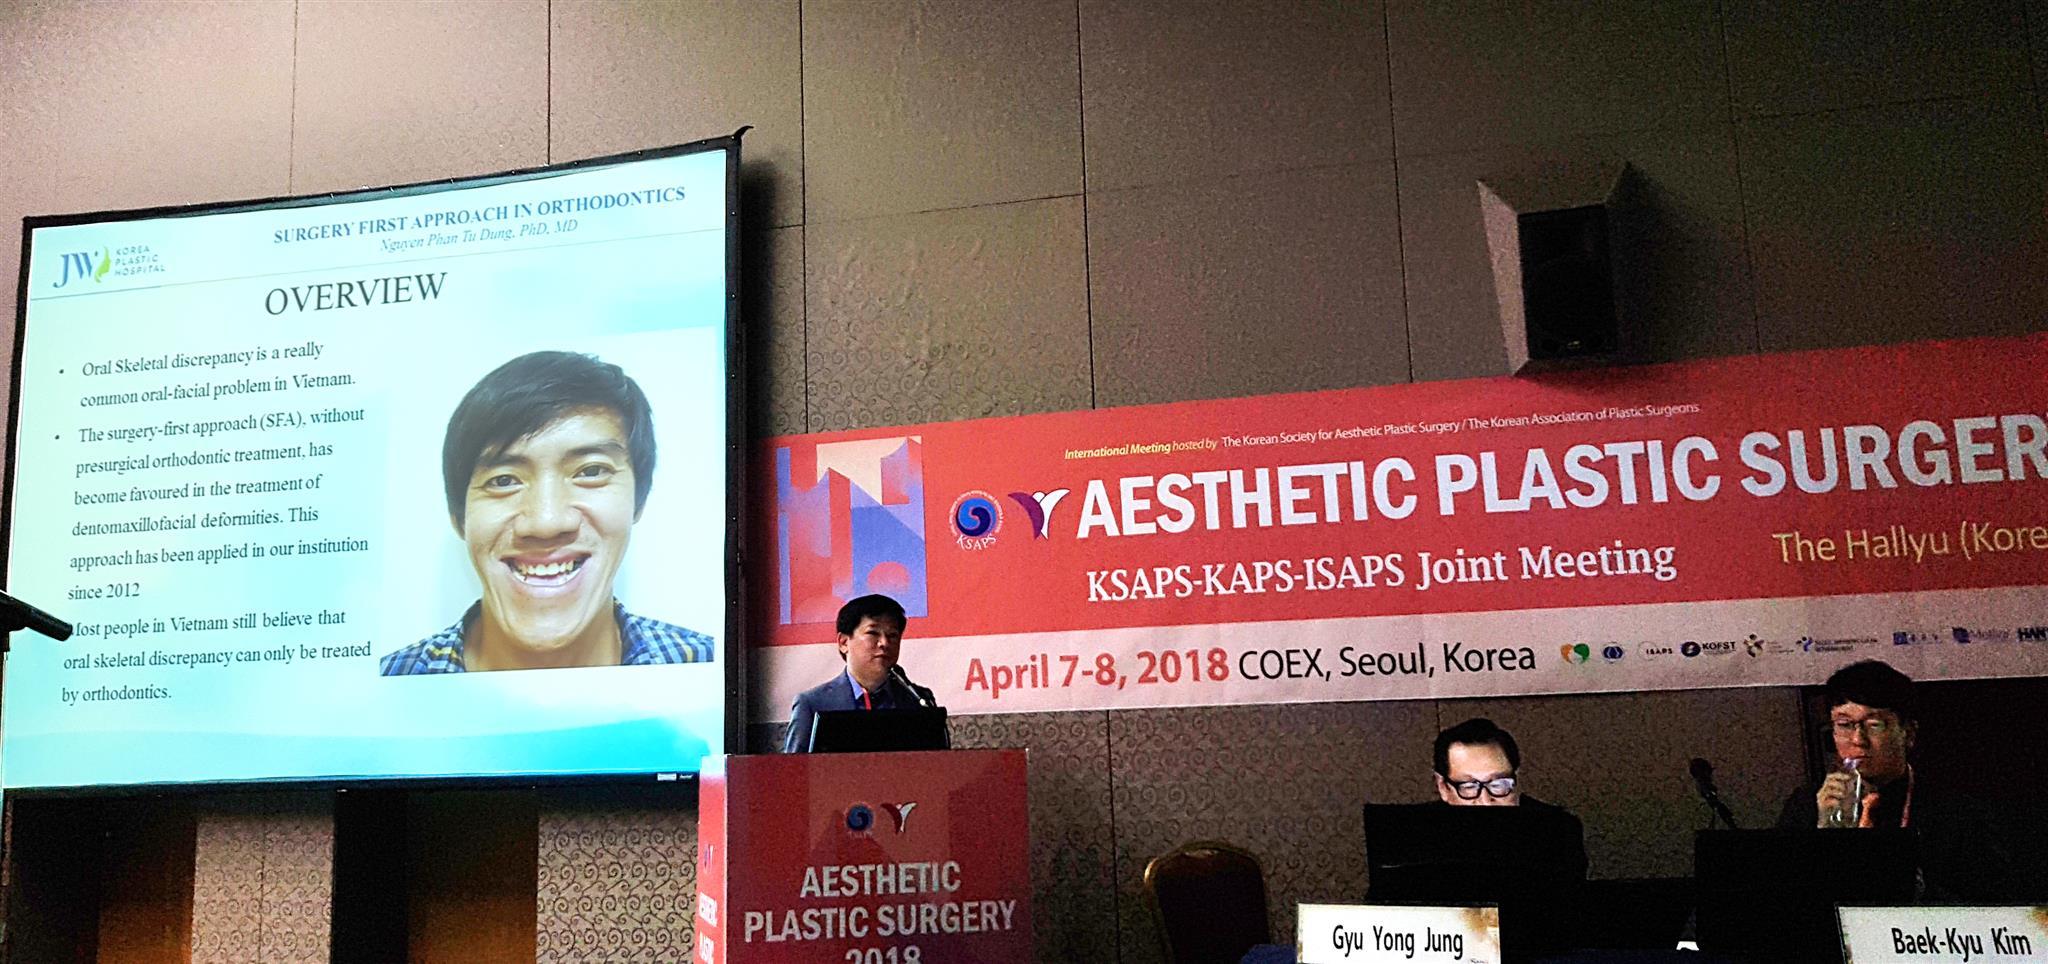 Báo cáo hàm mặt của TS.BS Nguyễn Phan Tú Dung được giới chuyên môn đánh giá cao